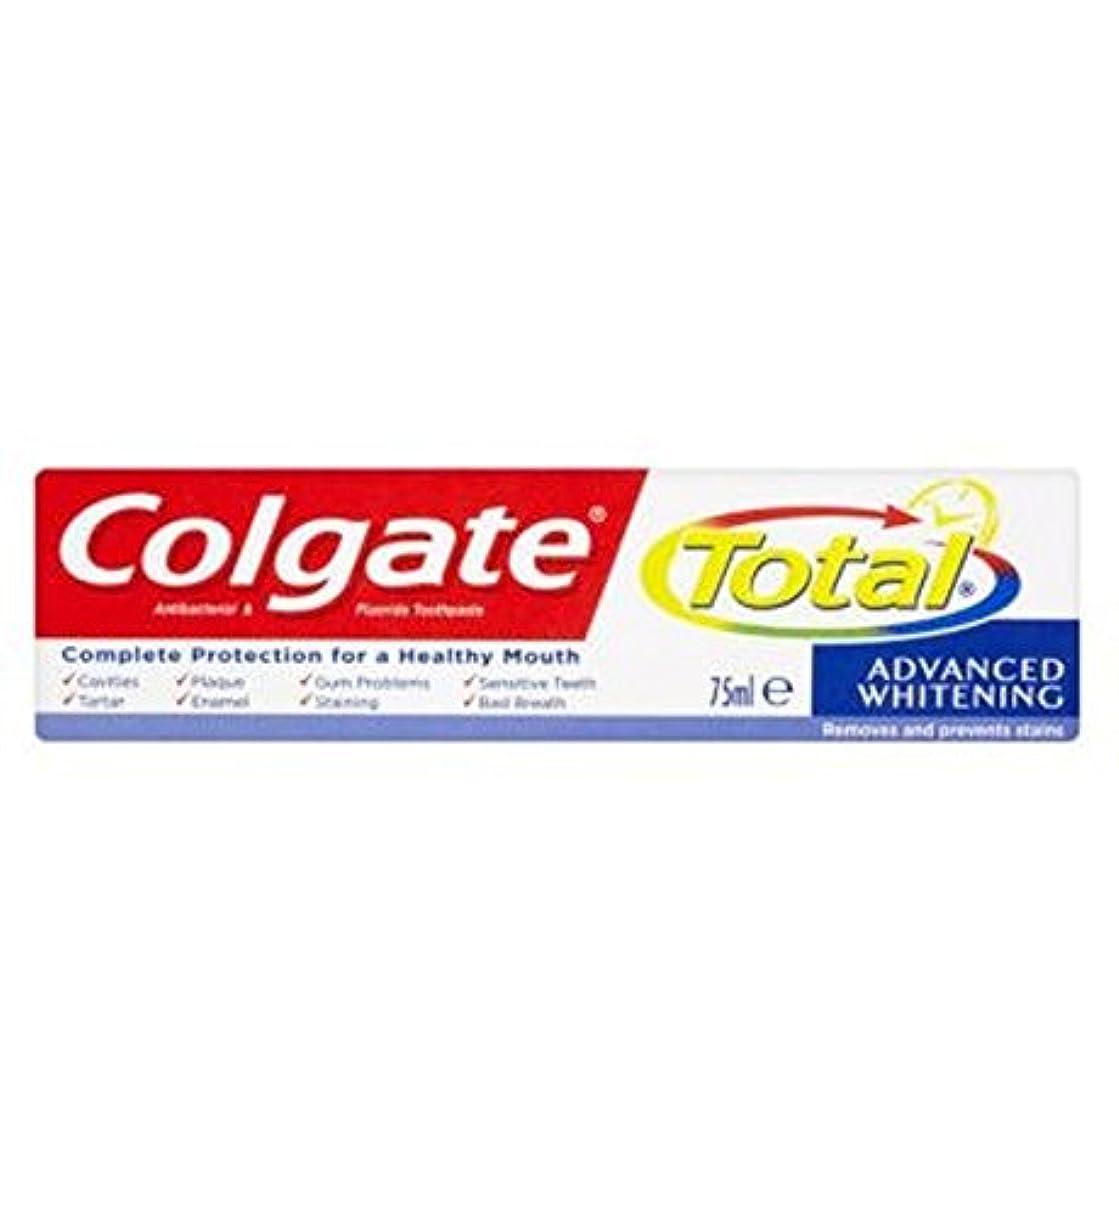 ペルセウスデータム復讐Colgate Total Advanced Whitening toothpaste 75ml - コルゲートトータル高度なホワイトニング歯磨き粉75ミリリットル (Colgate) [並行輸入品]